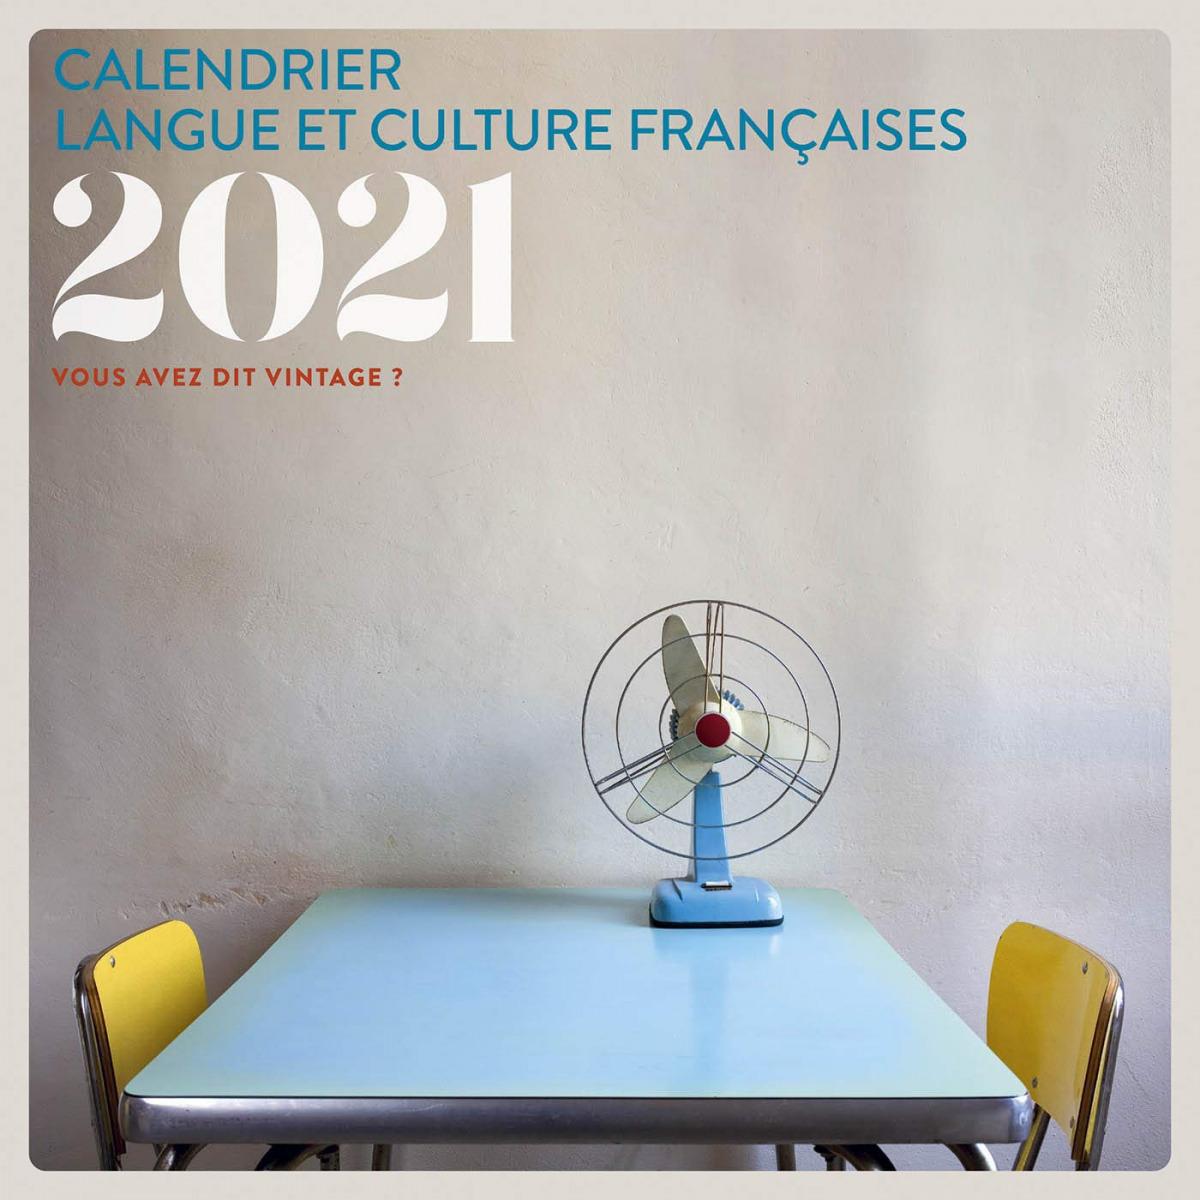 Calendrier langue et culture française